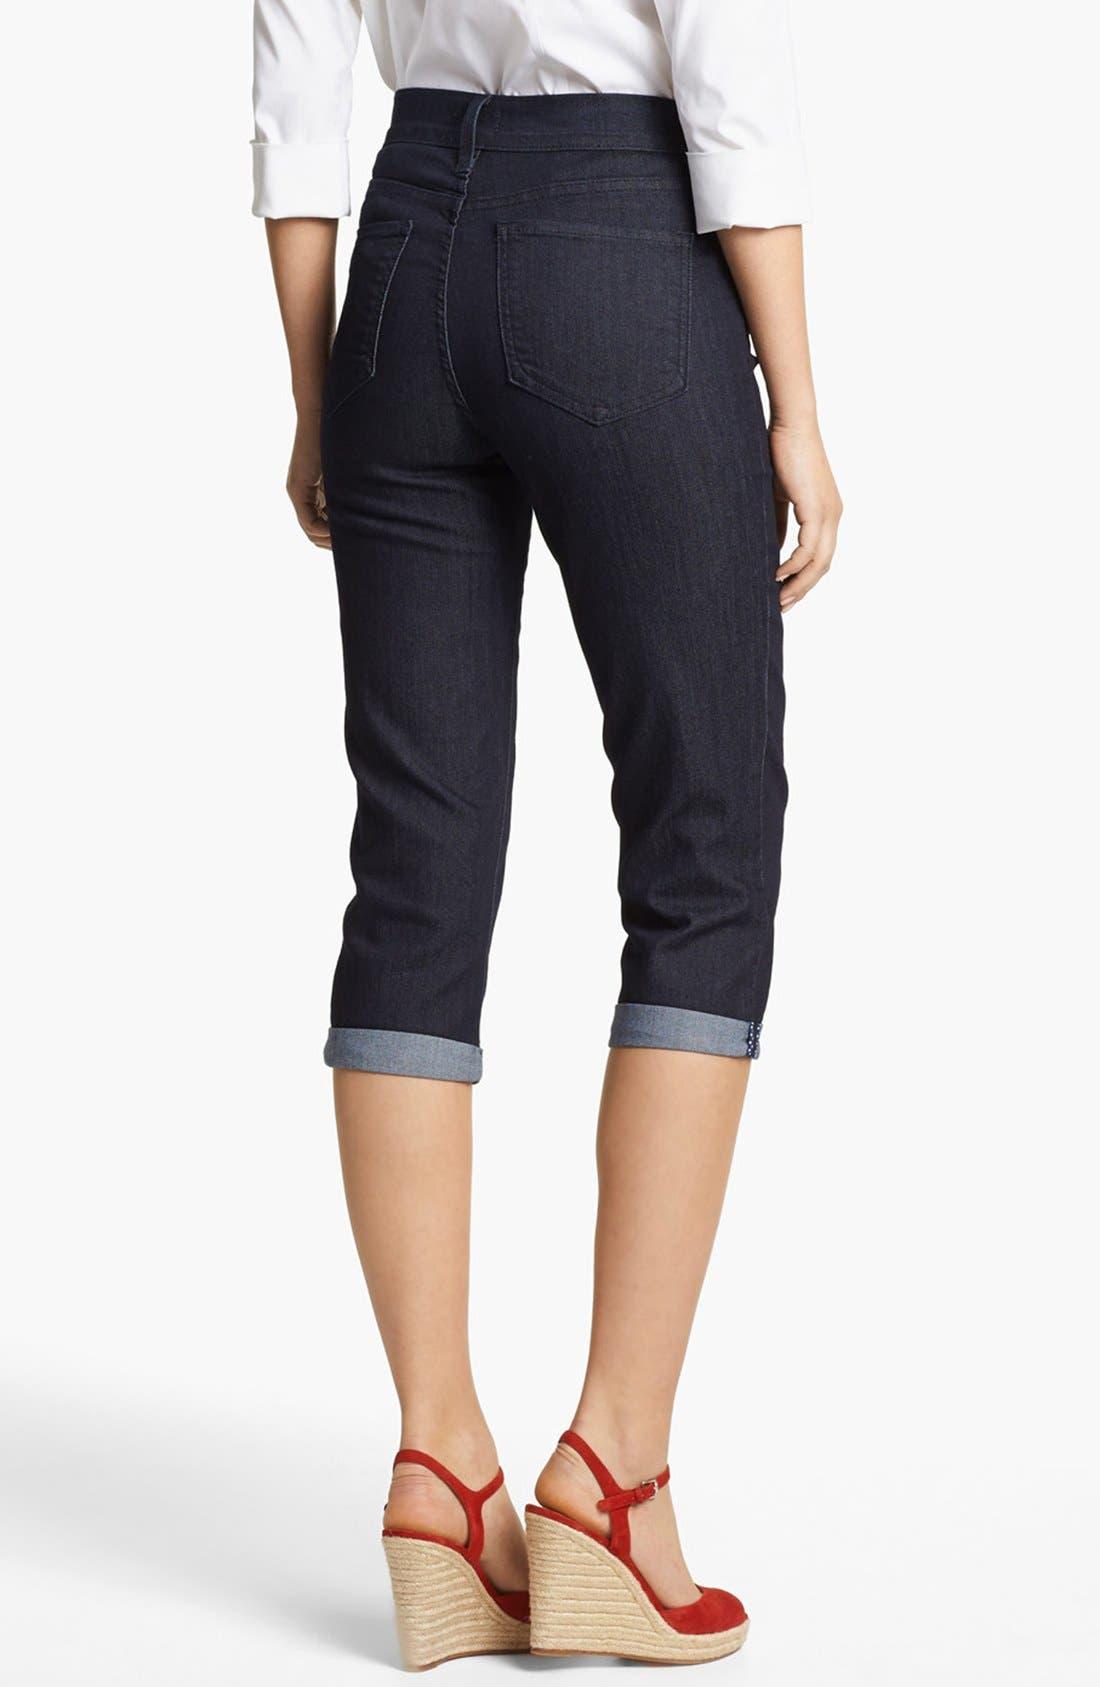 Alternate Image 2  - NYDJ 'Fiona' Roll Cuff Crop Stretch Jeans